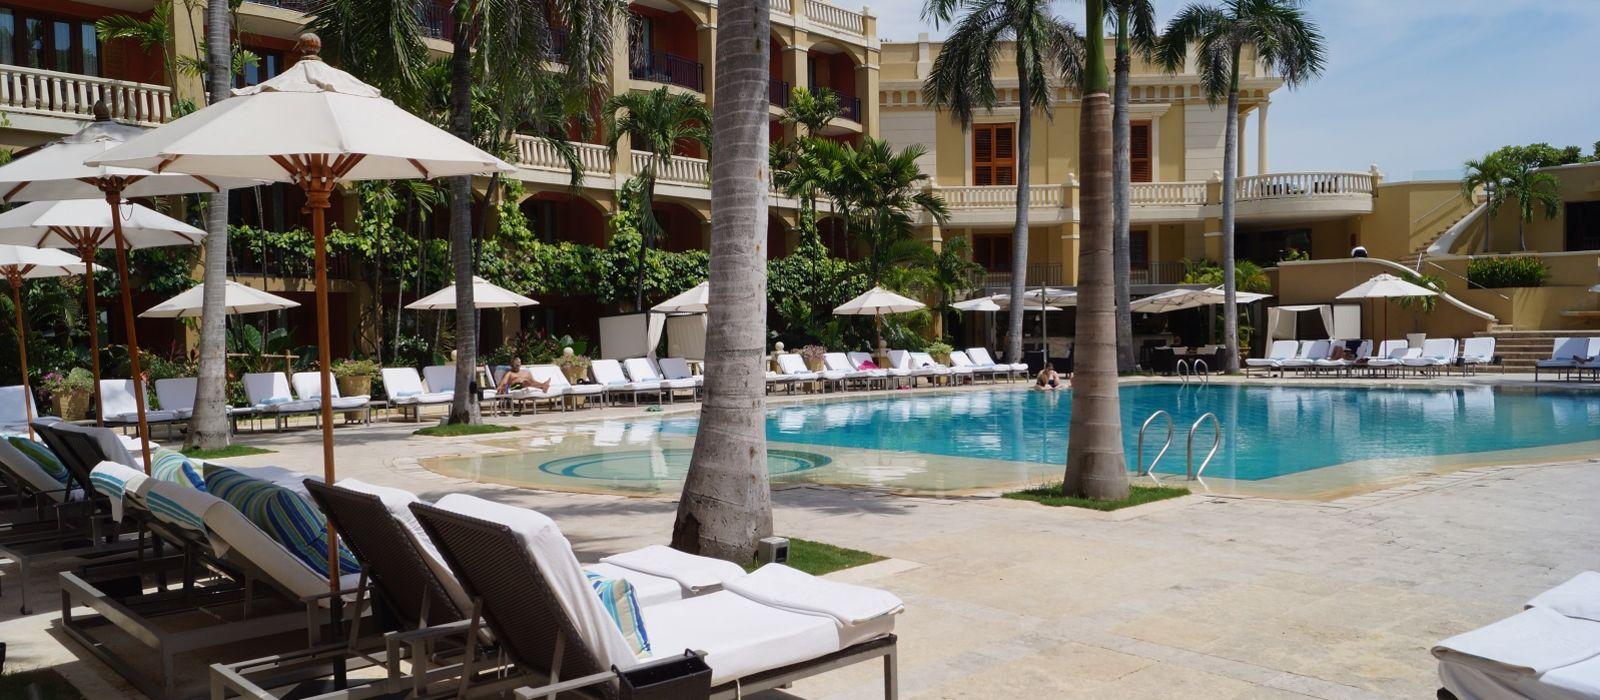 Hotel Santa Clara Sofitel Colombia